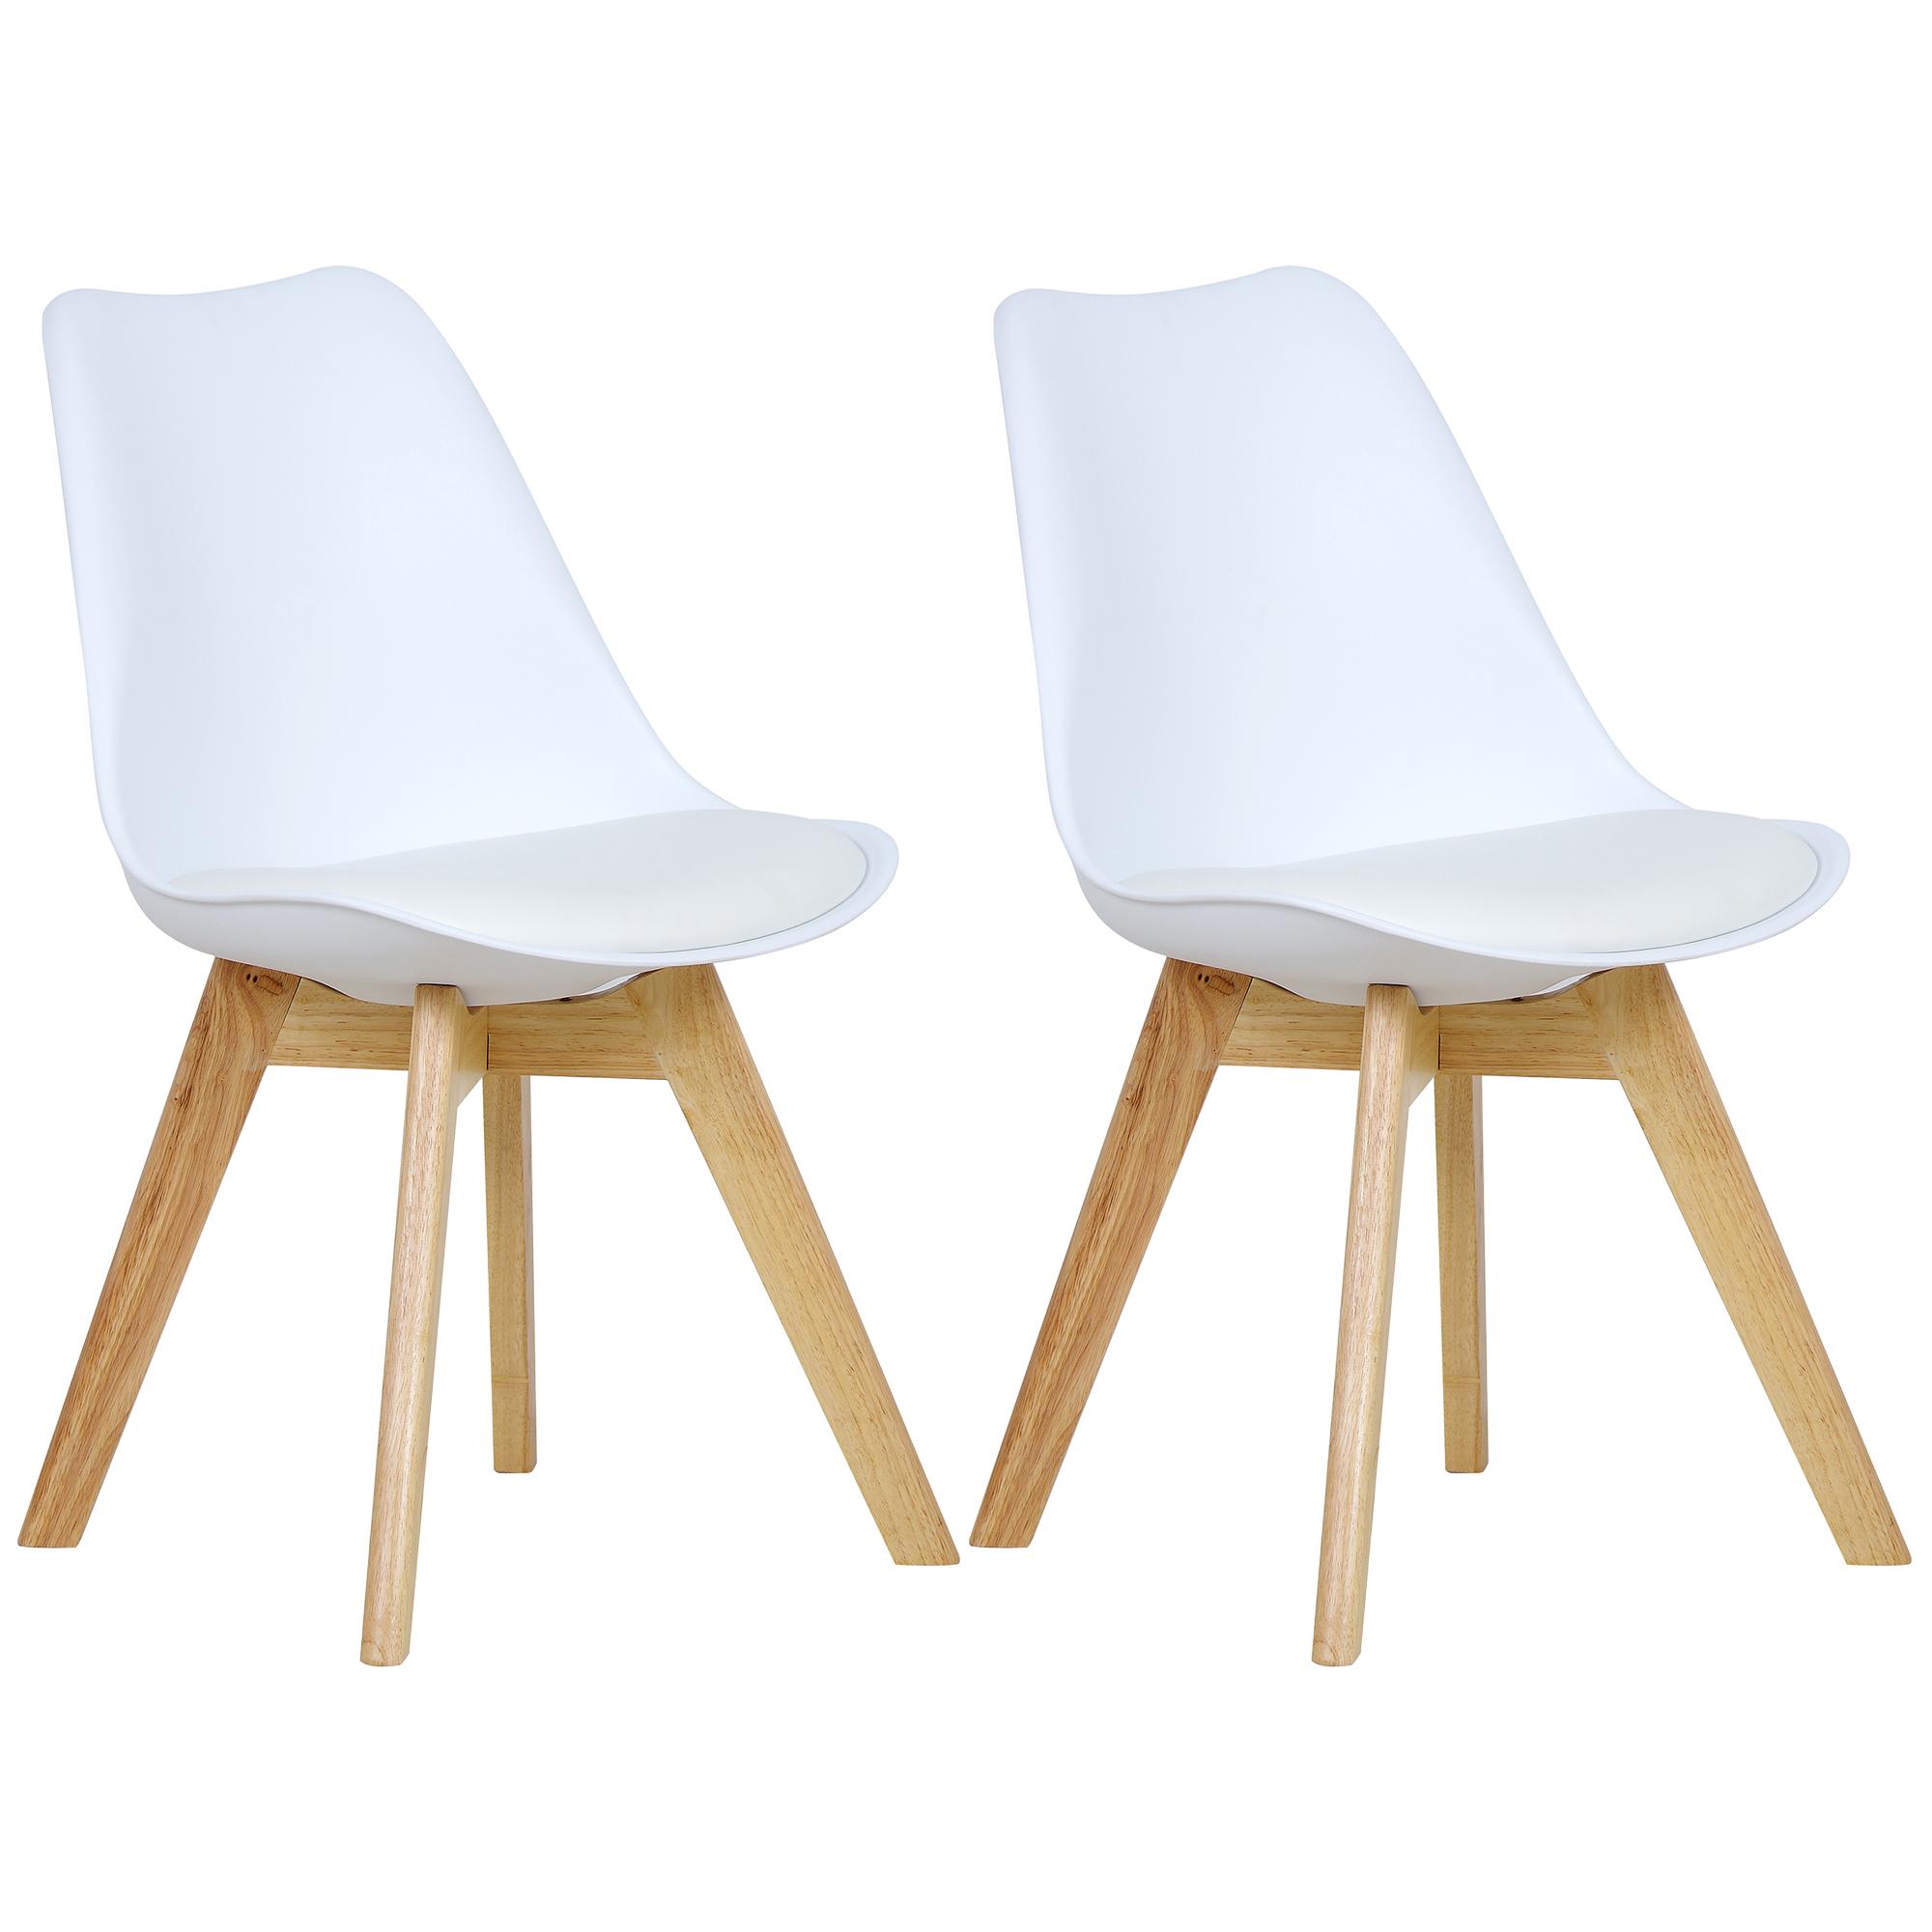 2er set esszimmerst hle esszimmerstuhl design st hle k chenstuhl wei bh29ws 2 4250367037591 ebay. Black Bedroom Furniture Sets. Home Design Ideas